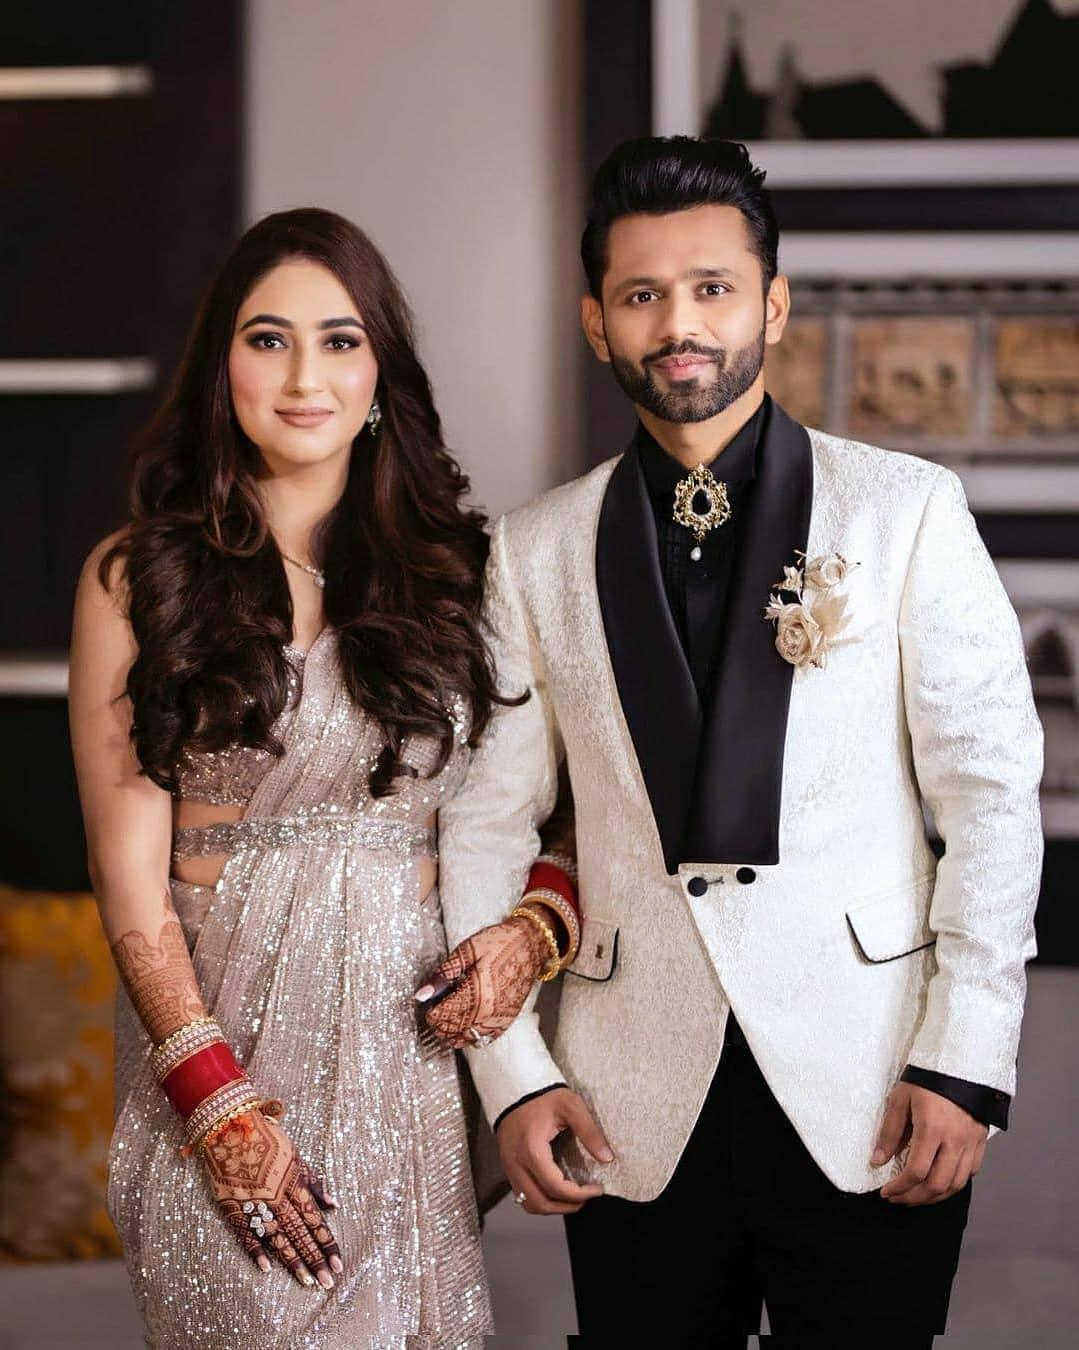 Rahul vaidya